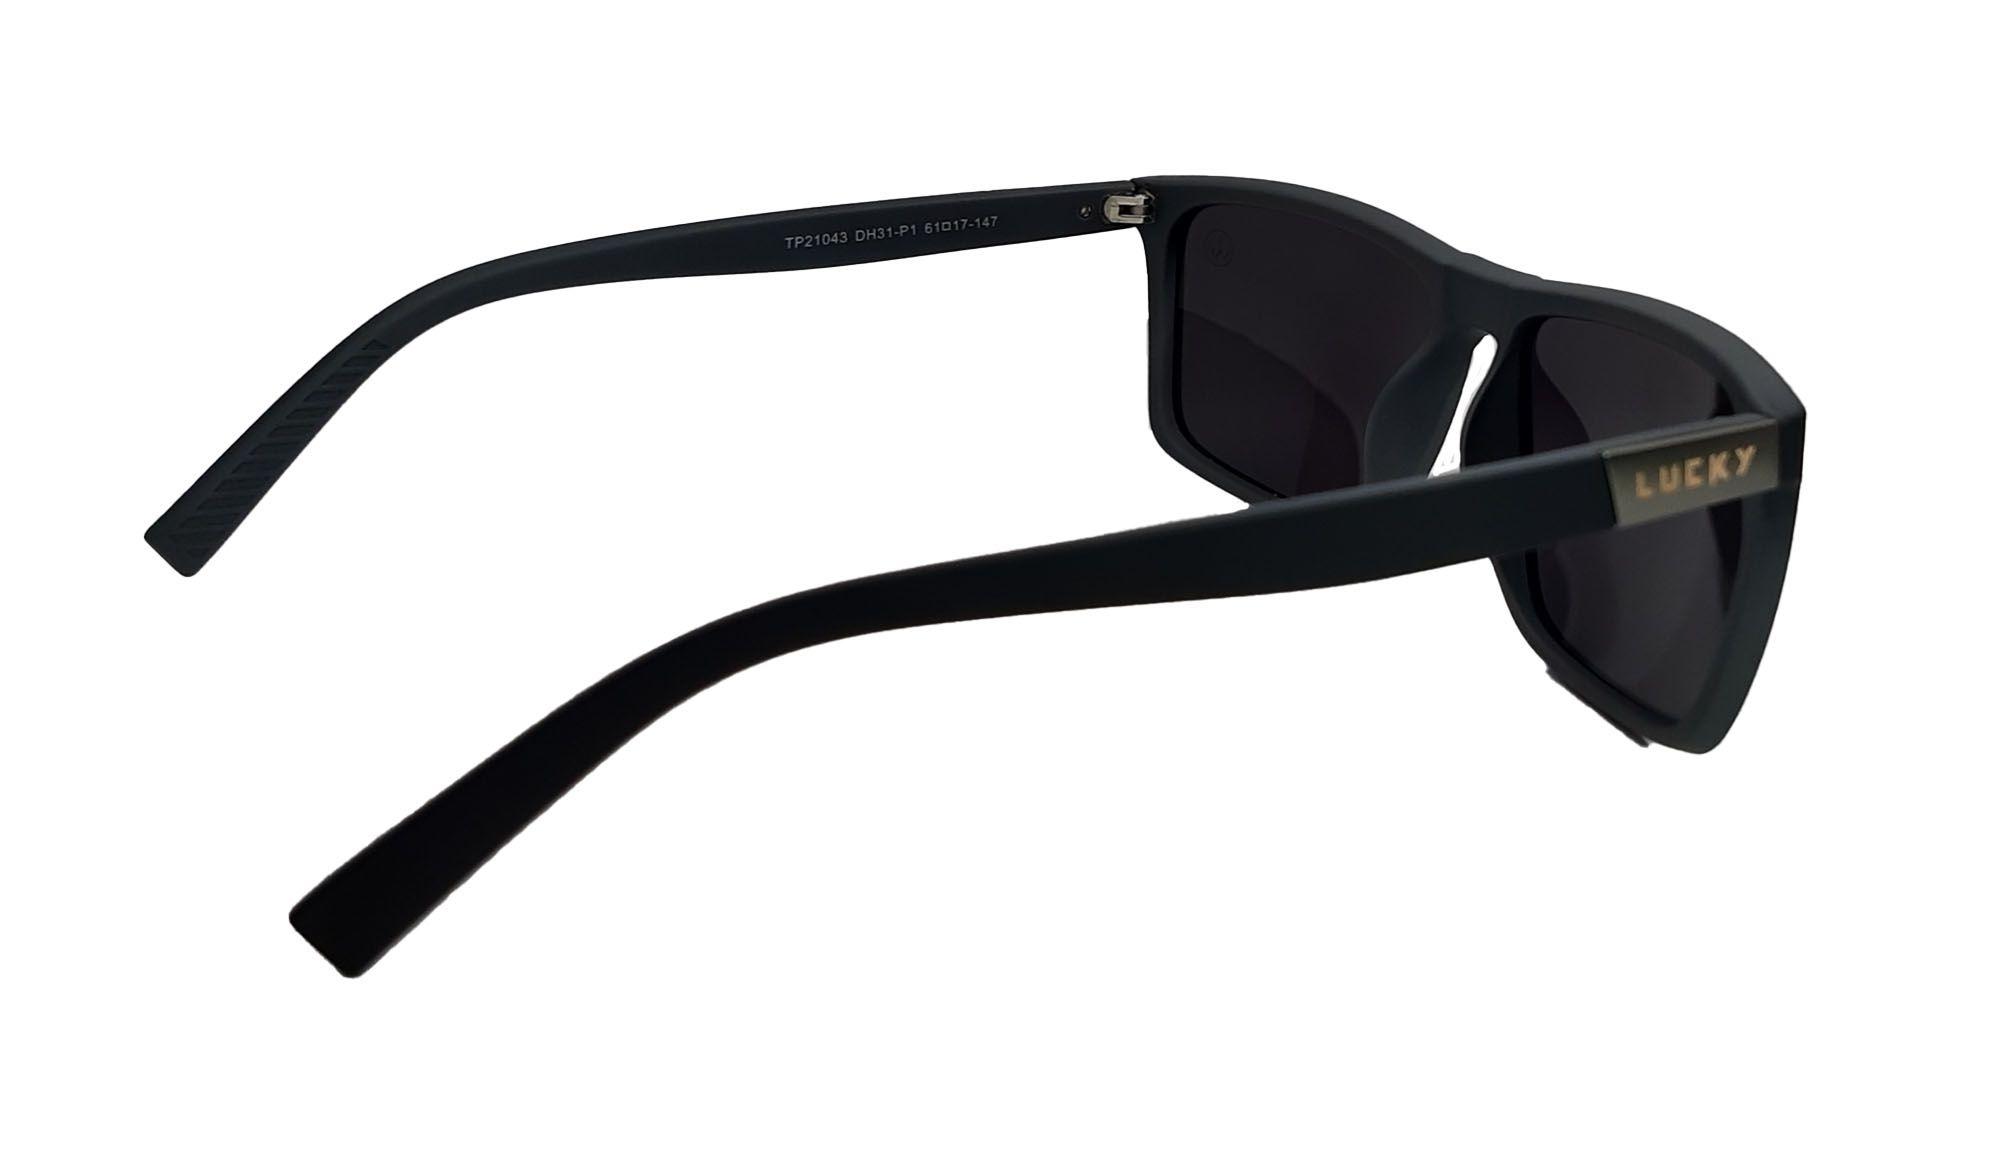 Óculos de sol polarizado TR90 Lucky21043